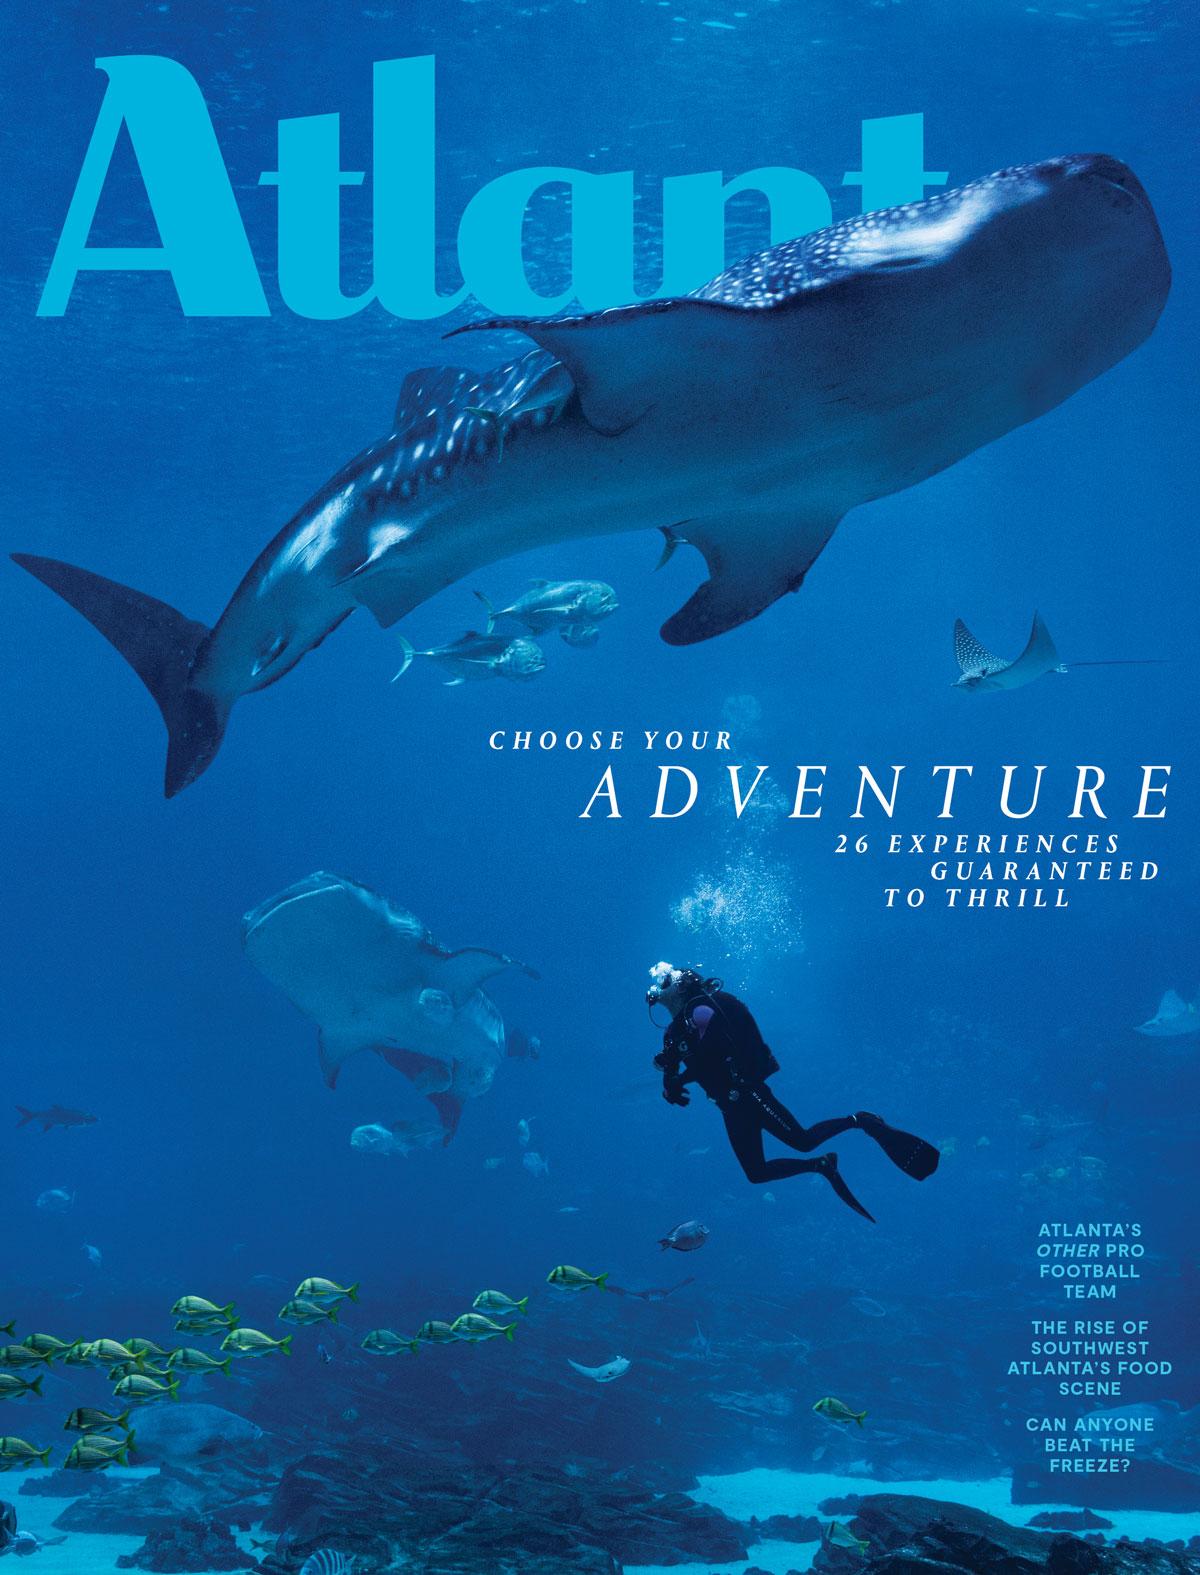 Atlanta Magazine April 2019 cover - Choose your adventure - Georgia Aquarium